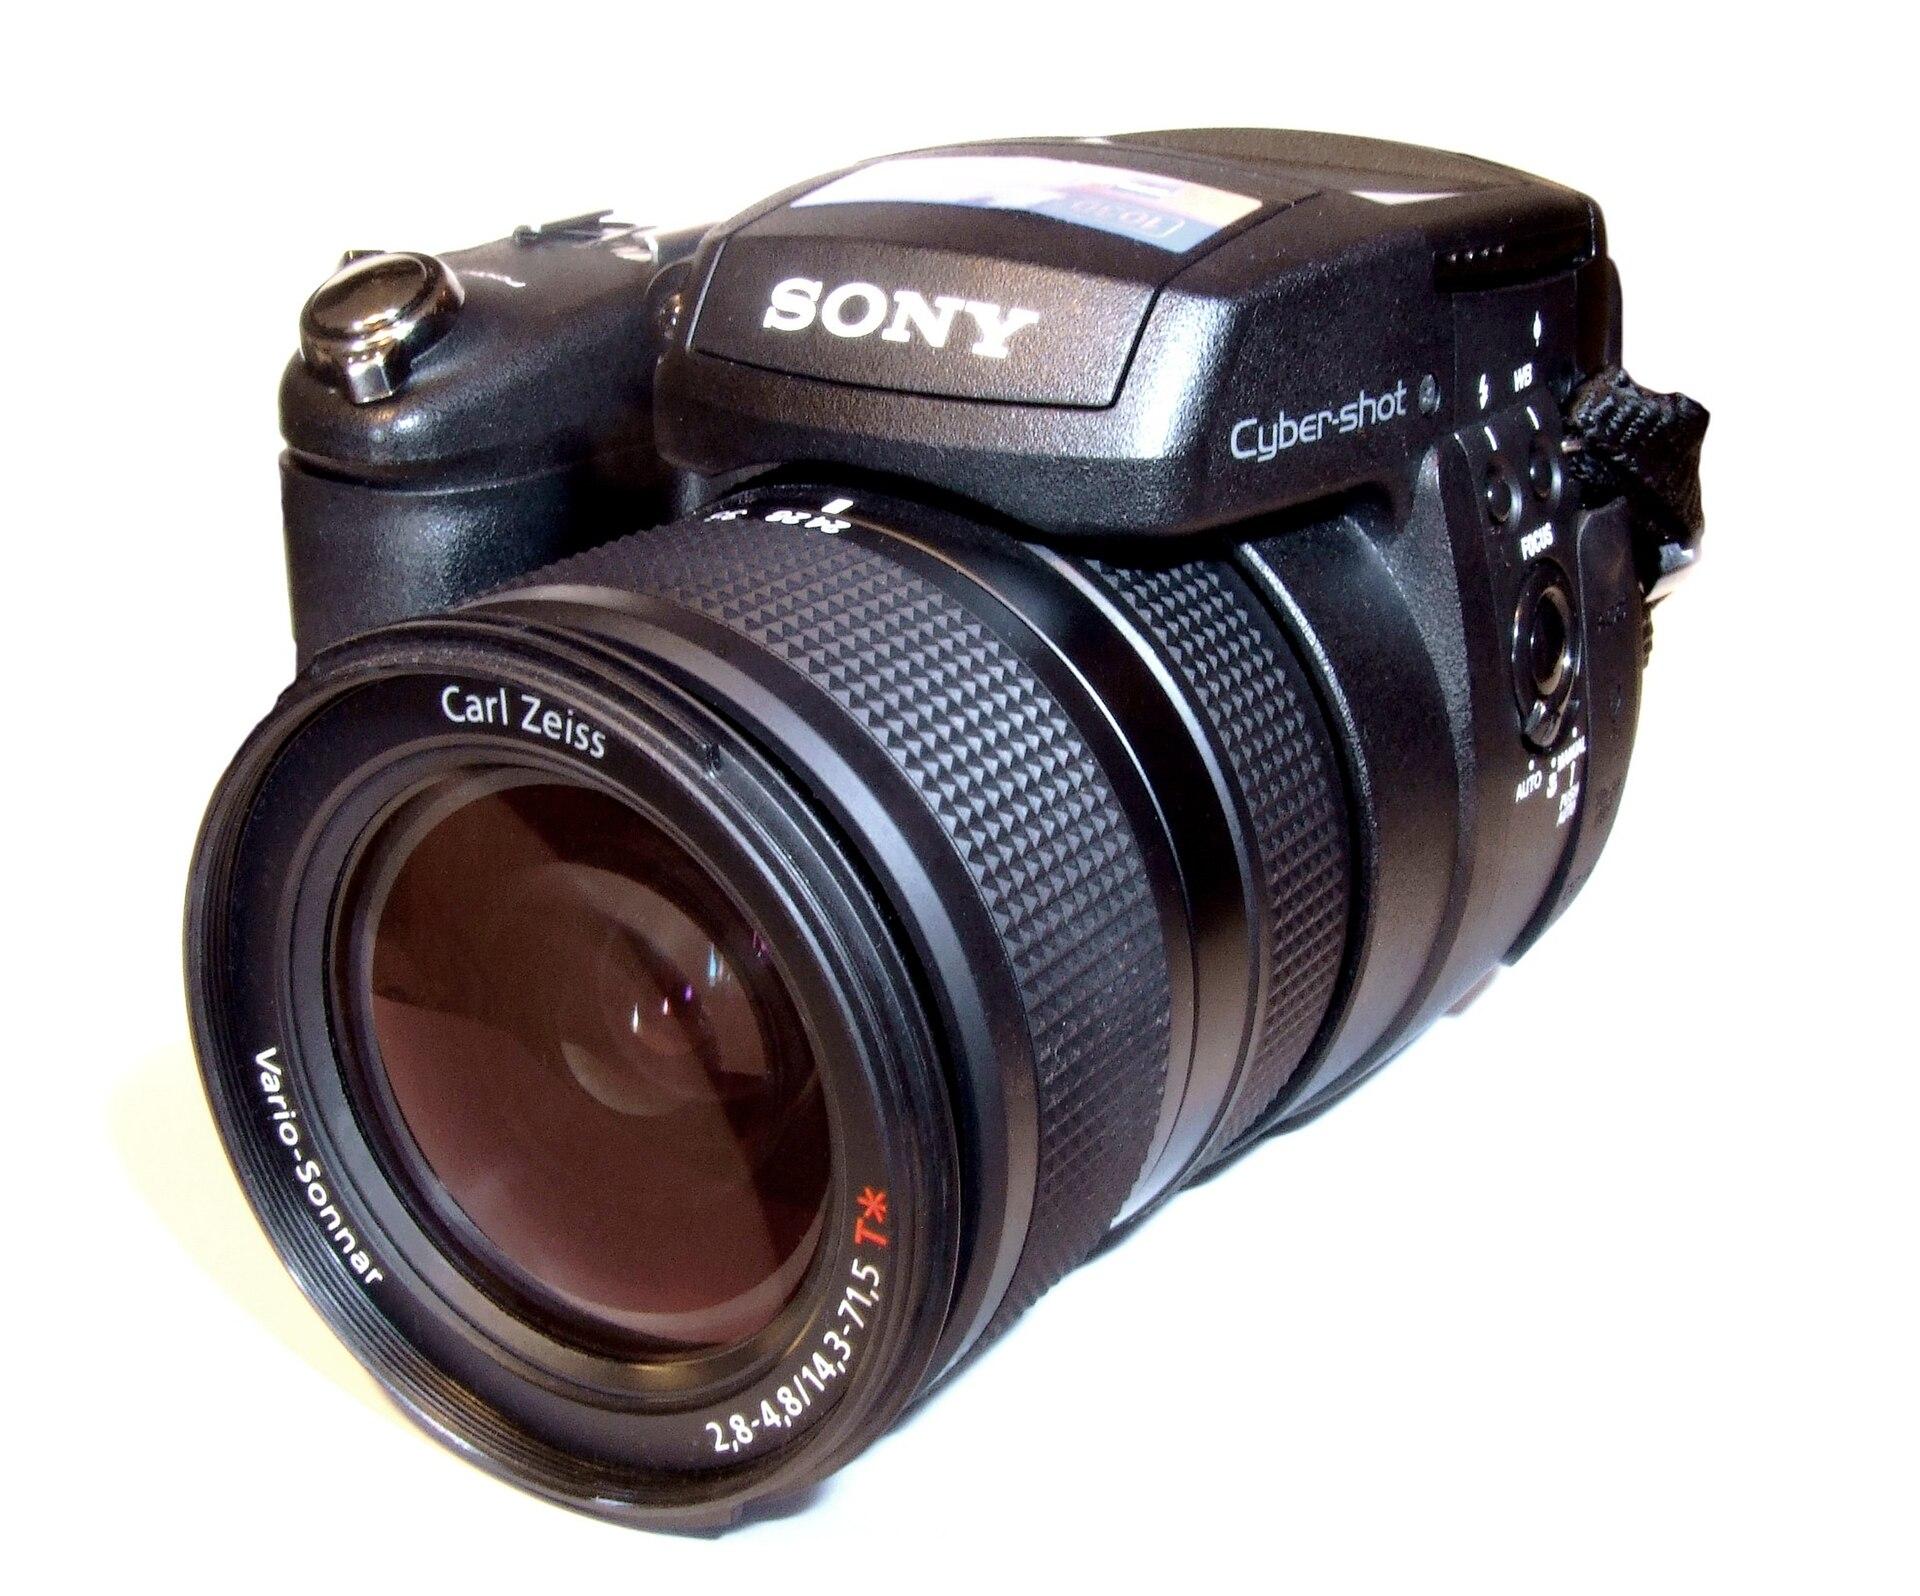 Sony Cyber Shot Dsc R1 Wikipedia